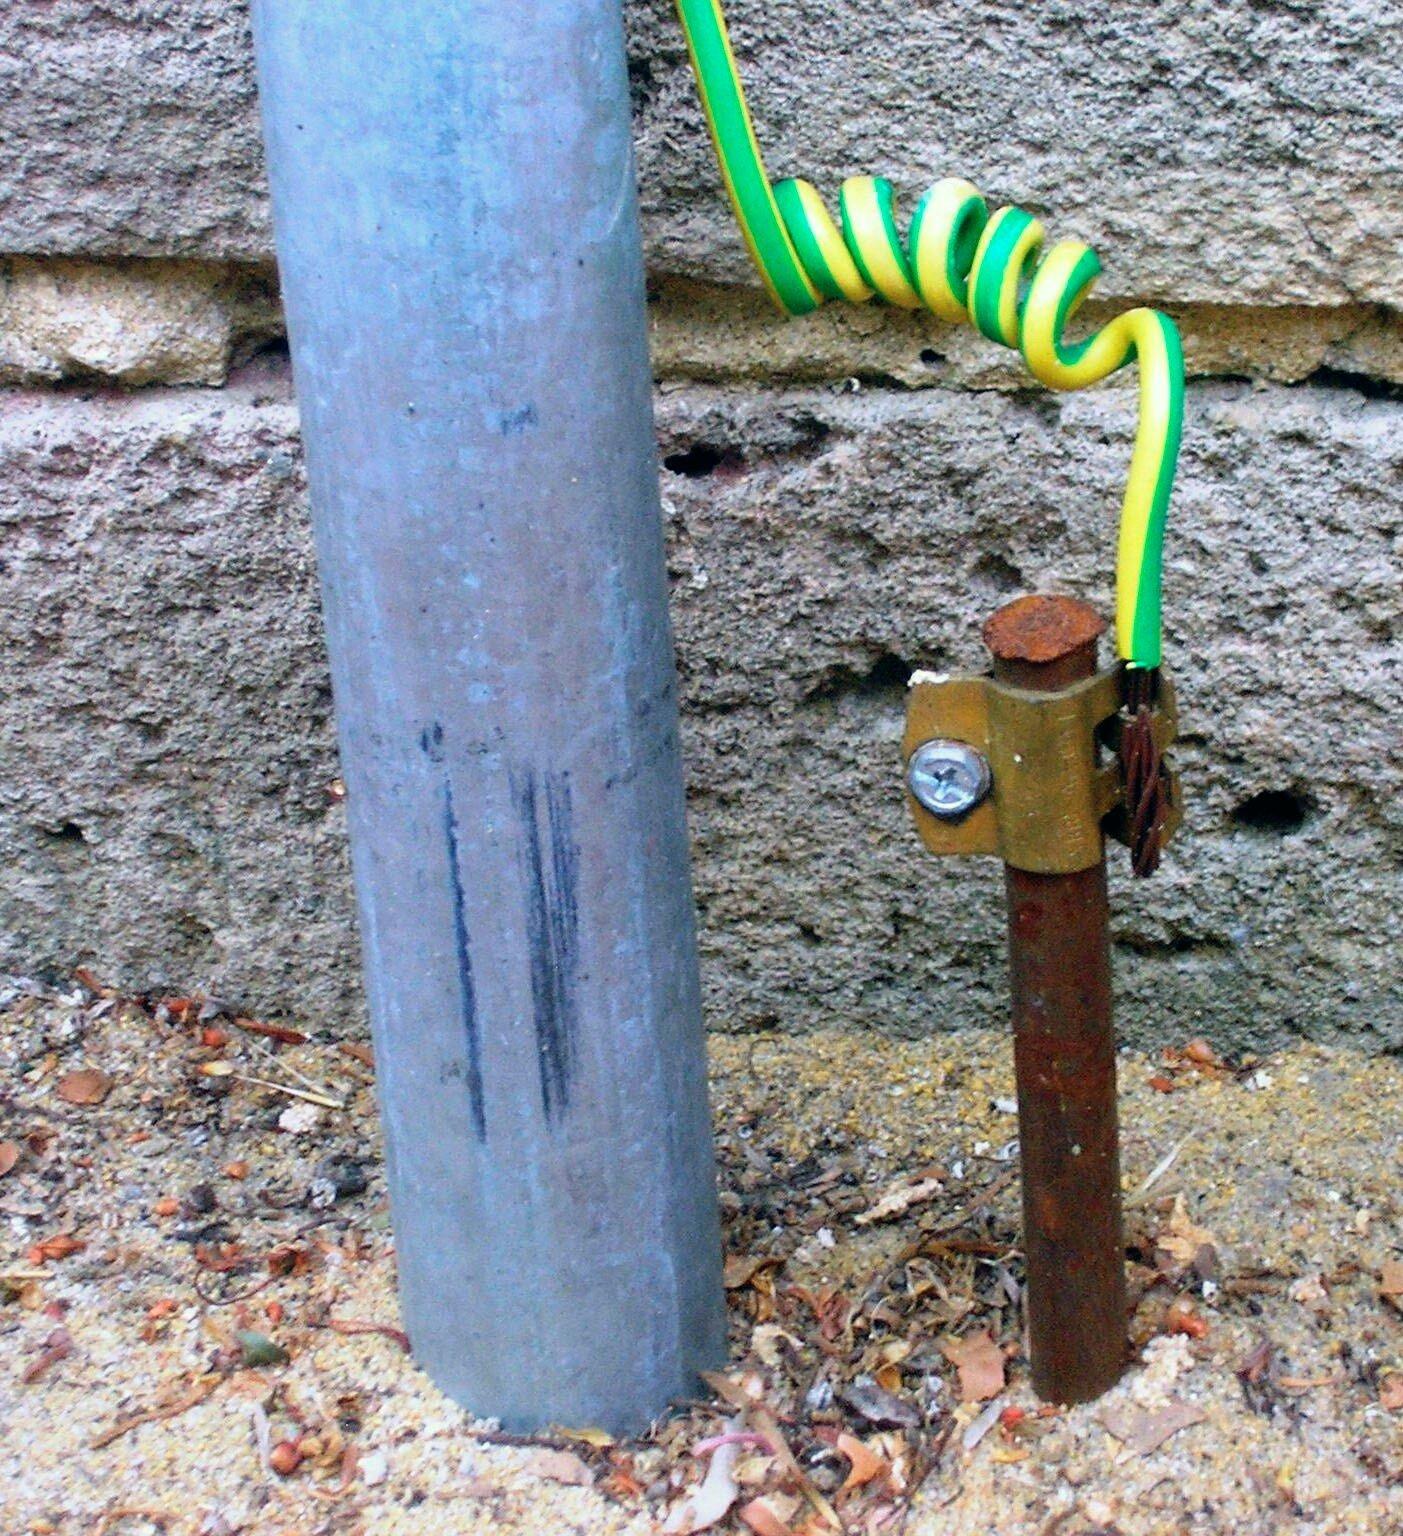 Так выглядит заземляющее устройство. Комбинация желтого и зеленого цветов изоляции обязательна только для провода РЕ и прочих защитных проводов